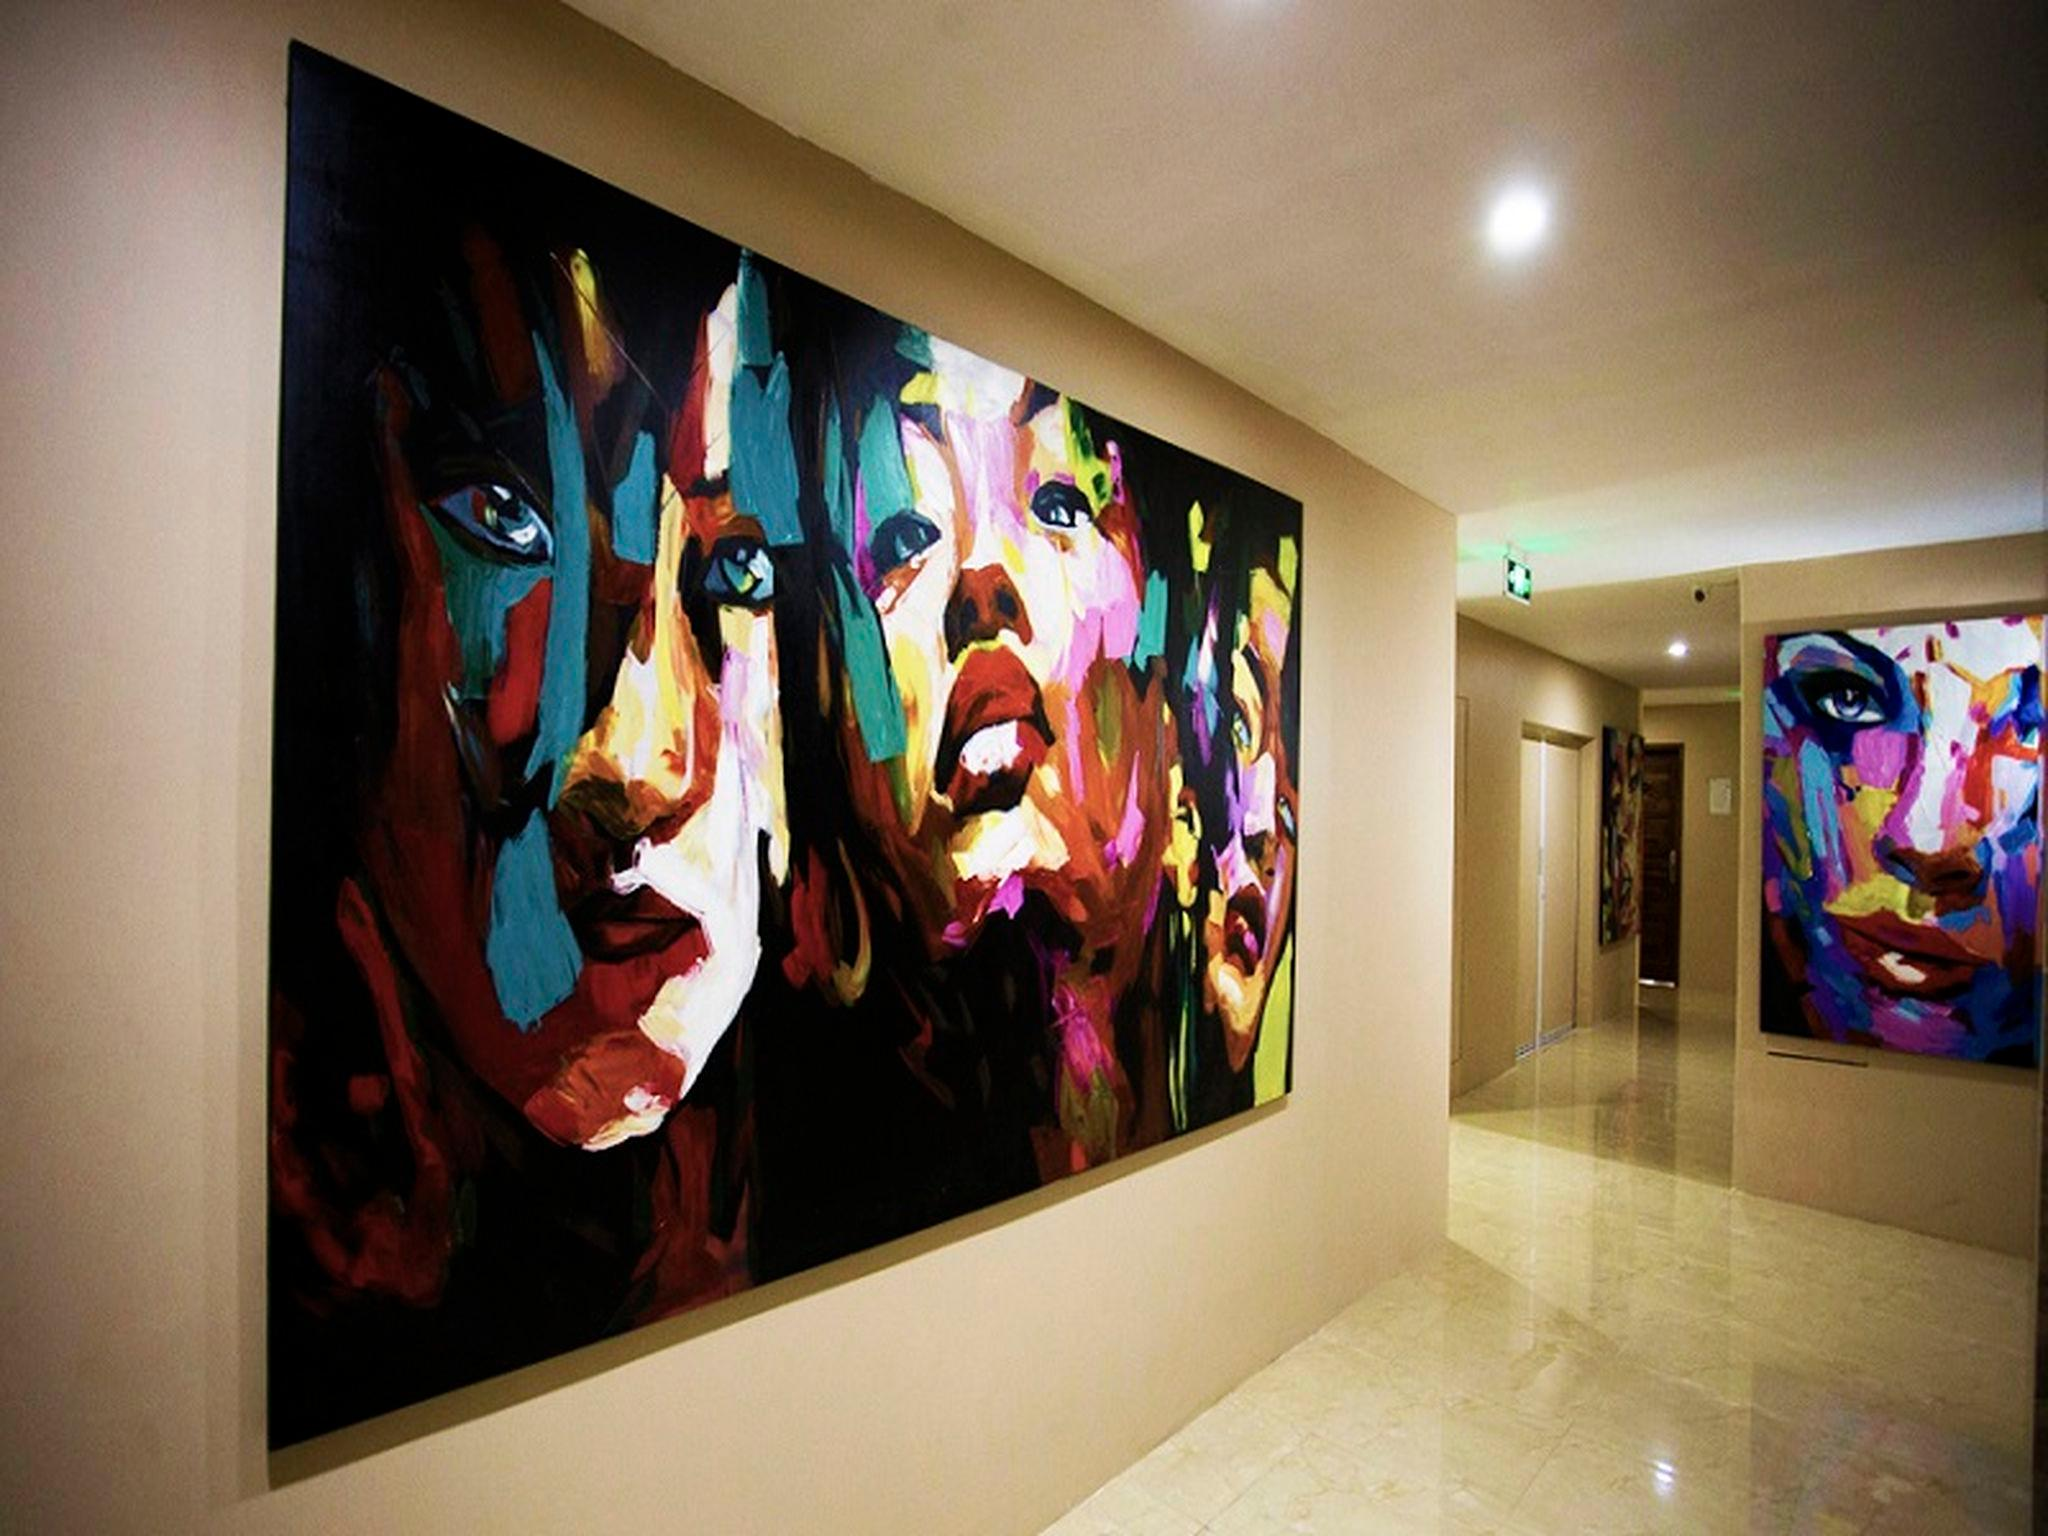 http://pix7.agoda.net/hotelImages/111/1110580/1110580_16062114310043891255.jpg